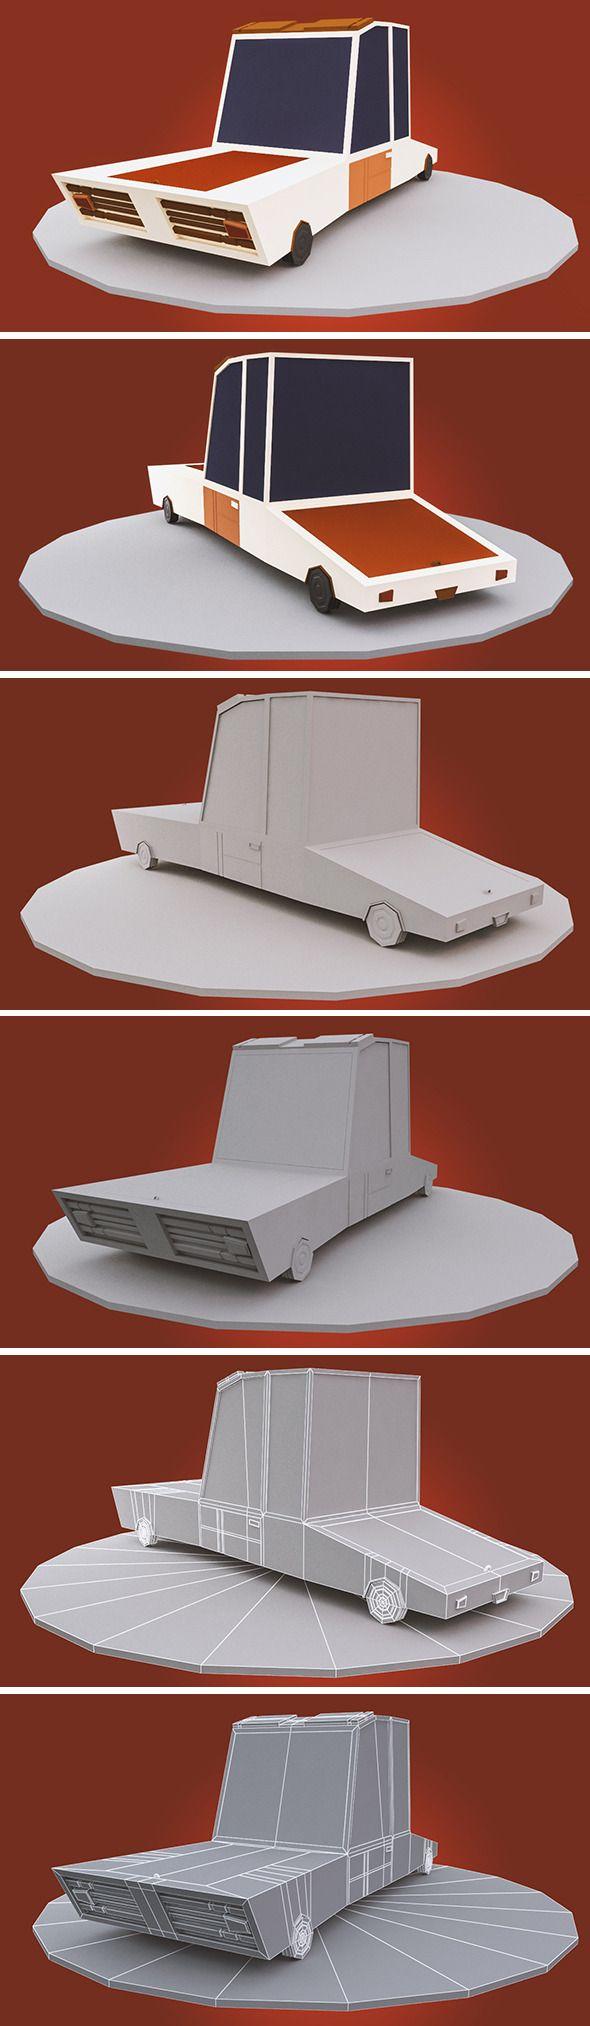 3DOcean low poly cartoon car 10700089